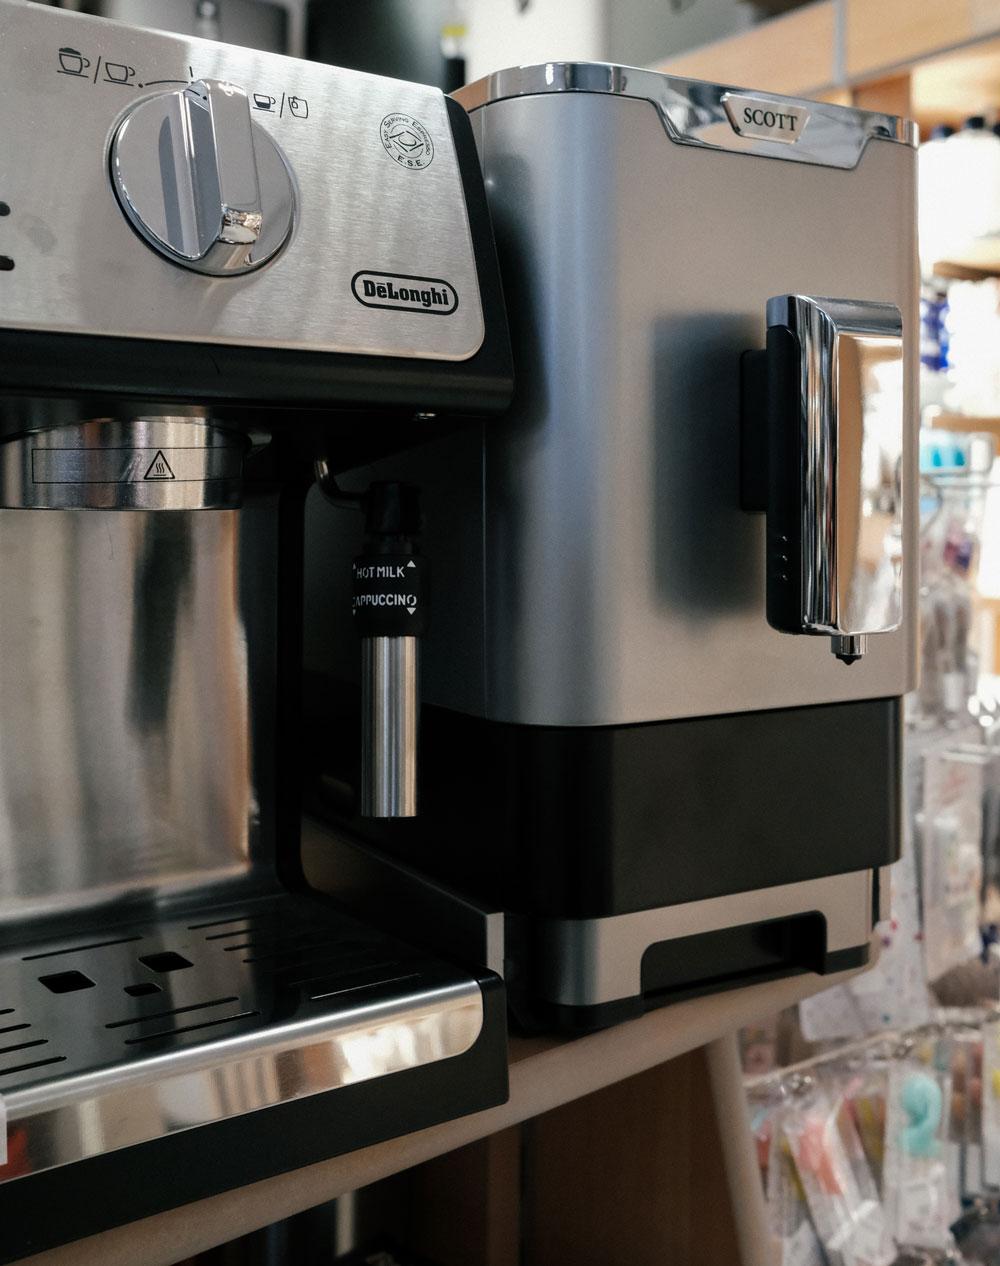 Boutique Uhart Biarritz - Petit électroménager machines à café Delonghi et Scott